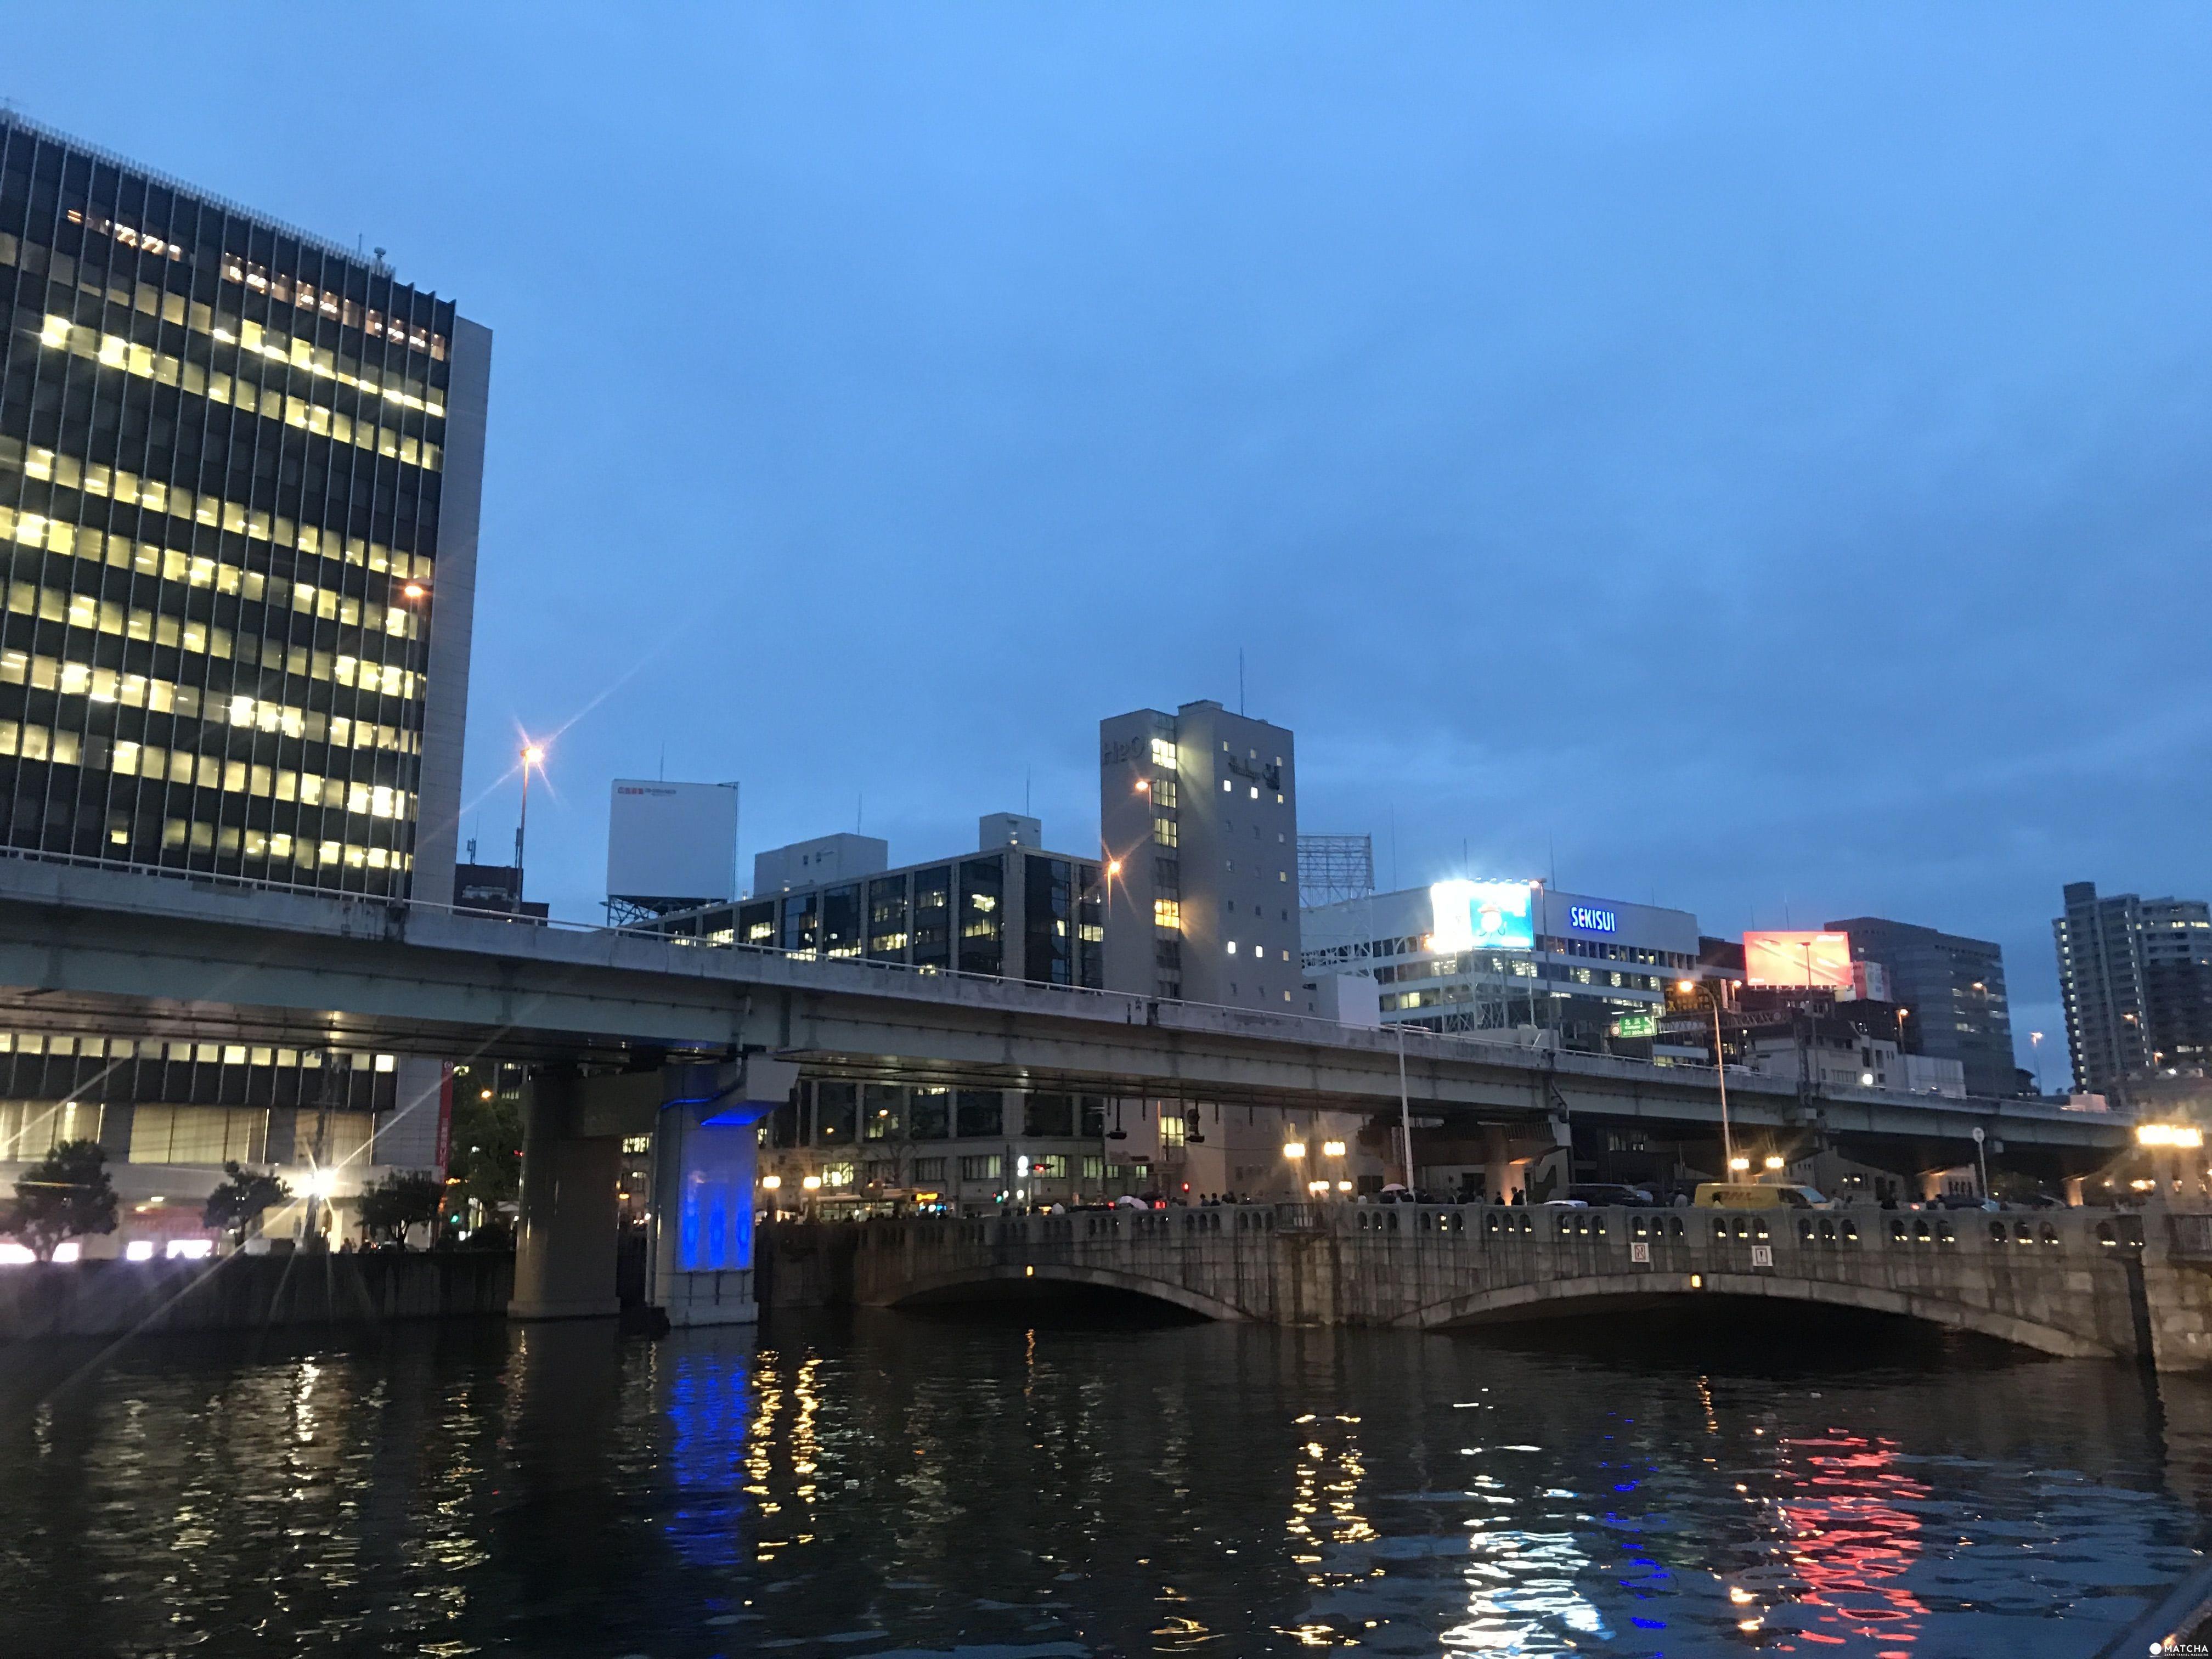 【大阪・北濱】在西洋建築的復古氛圍中 享受飽足的午後時光